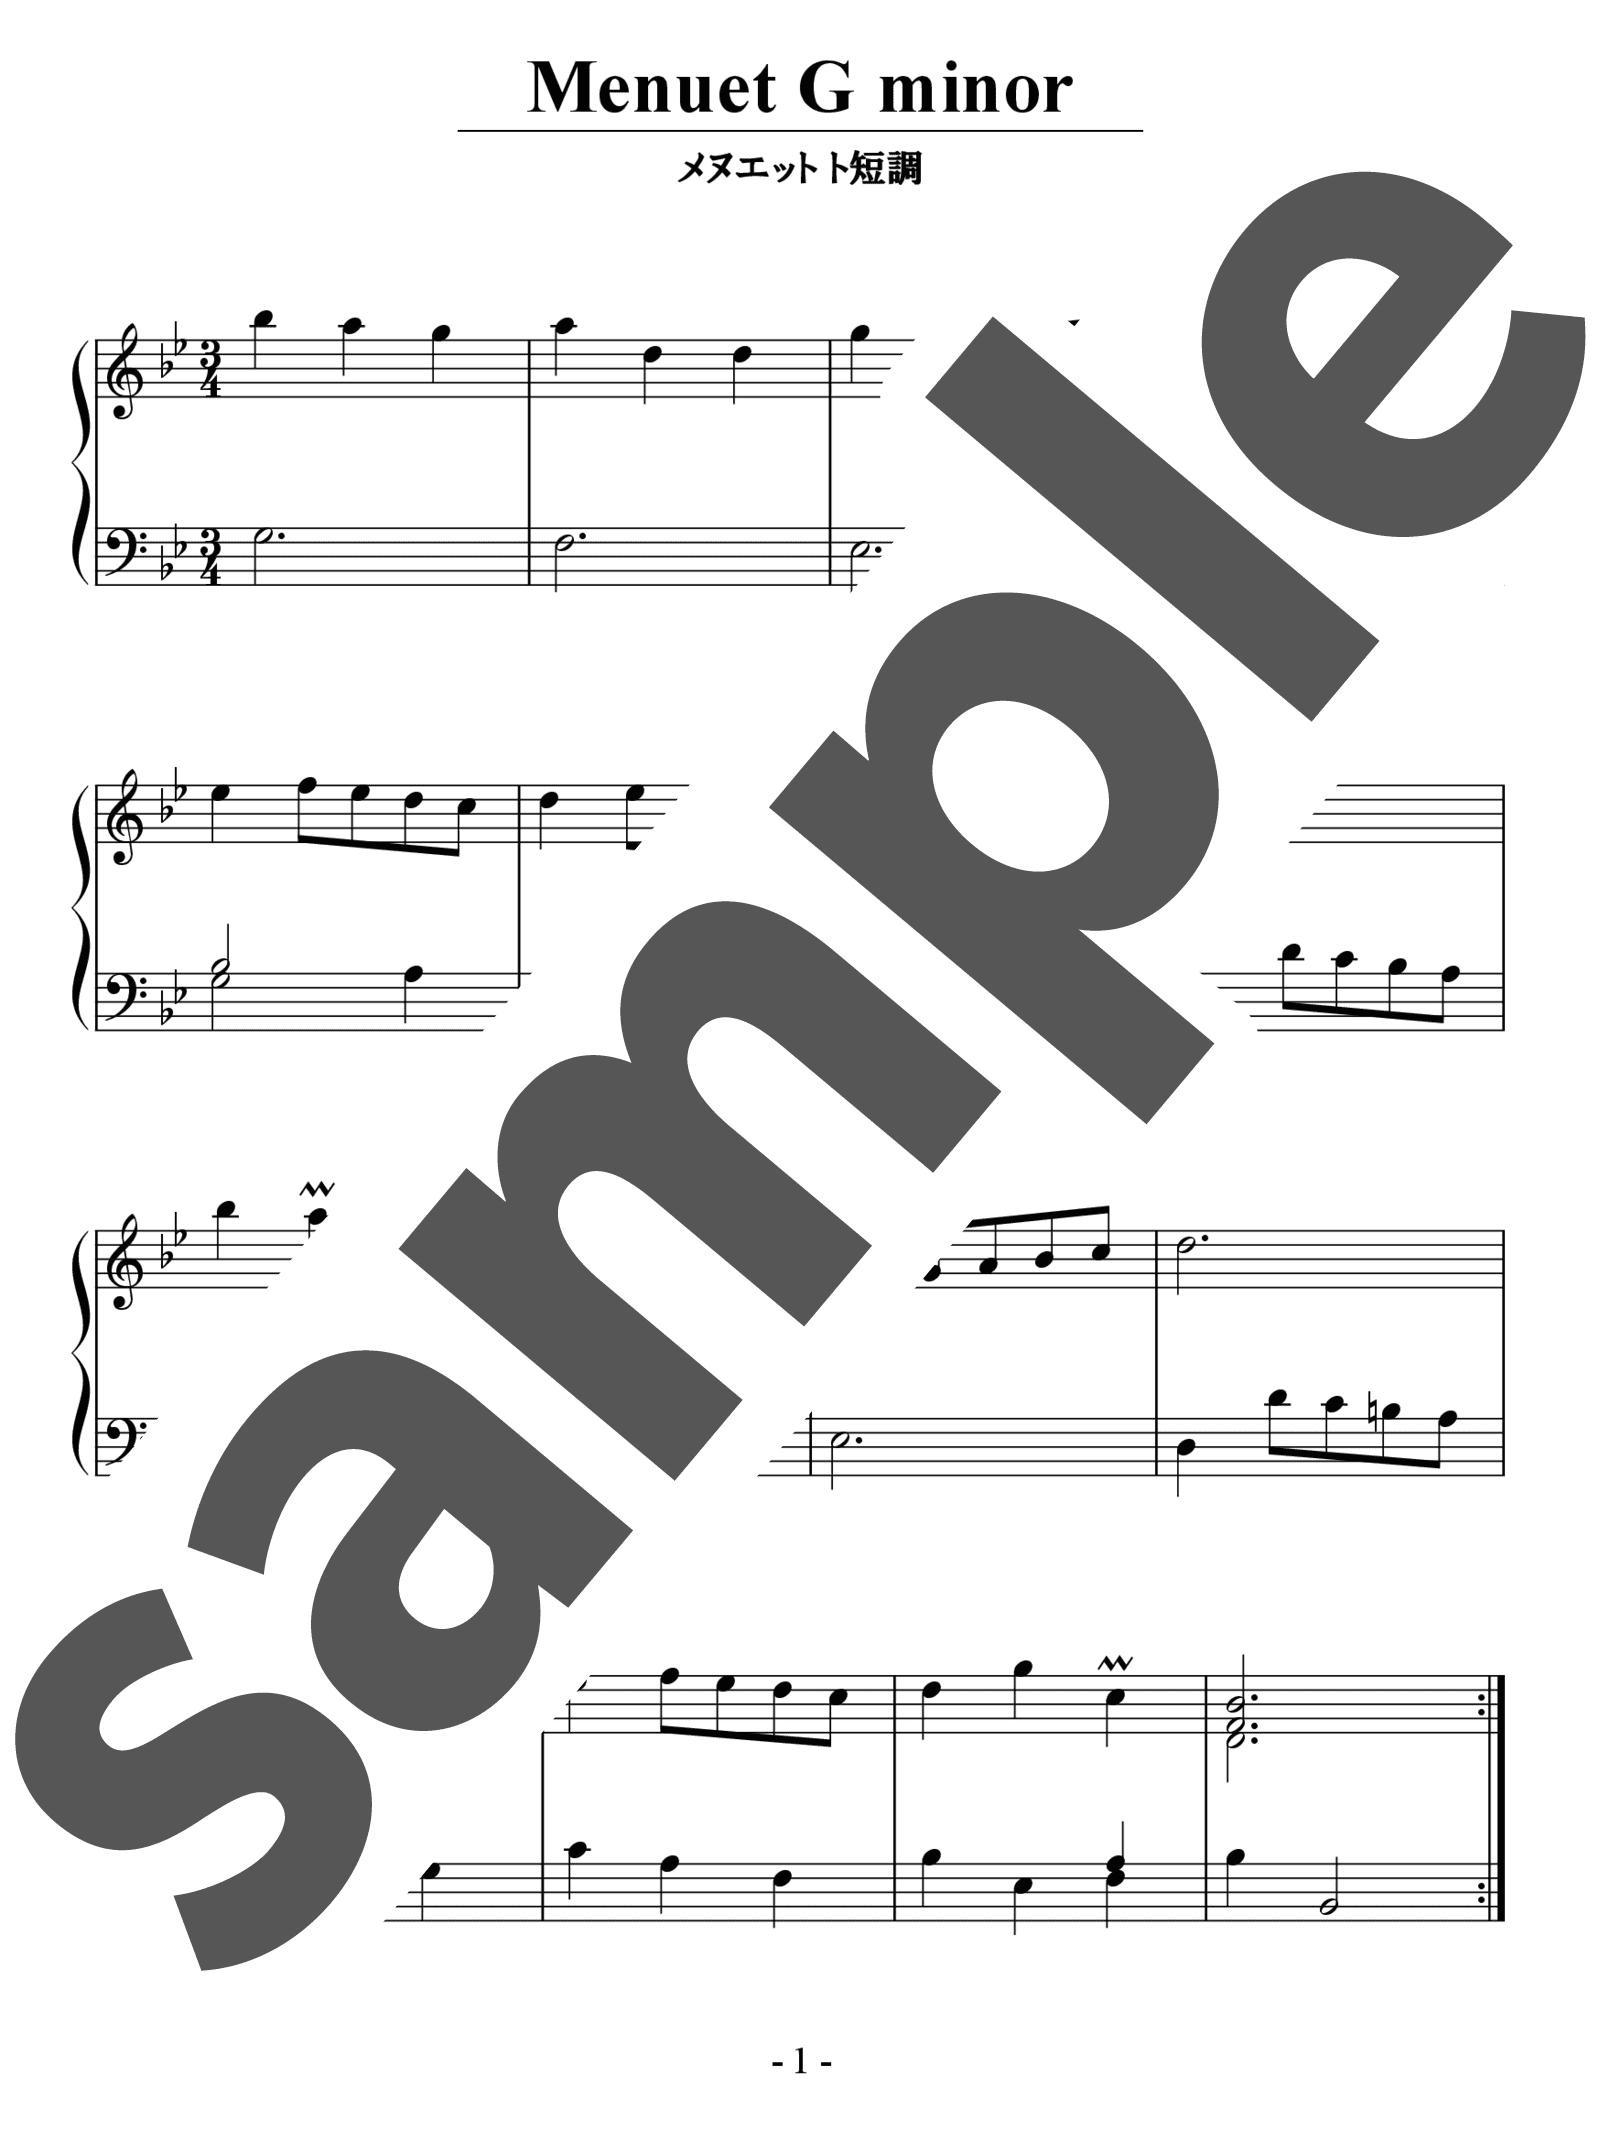 「メヌエット ト短調」のサンプル楽譜